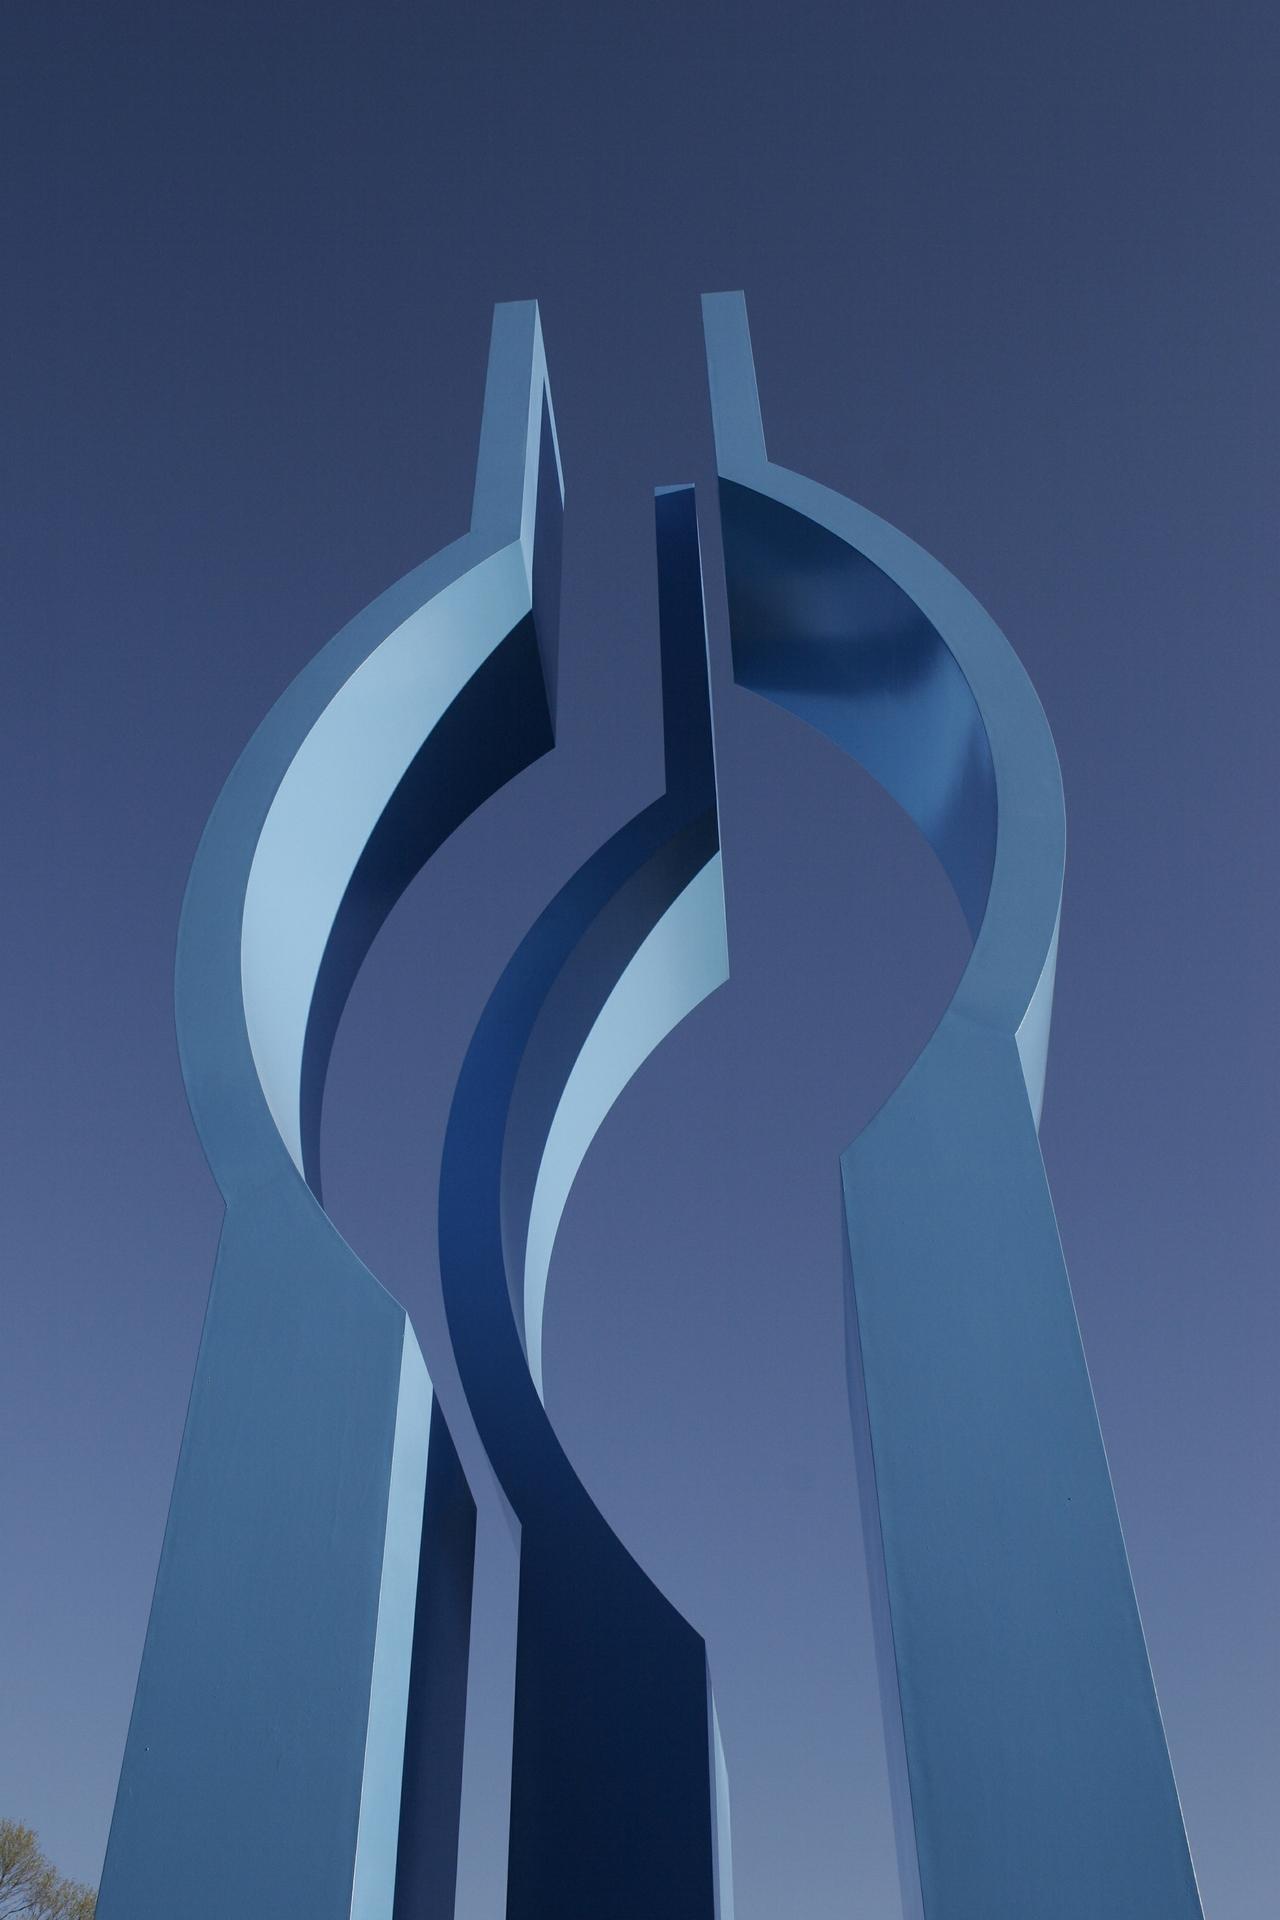 BCBSNC Triune Towers